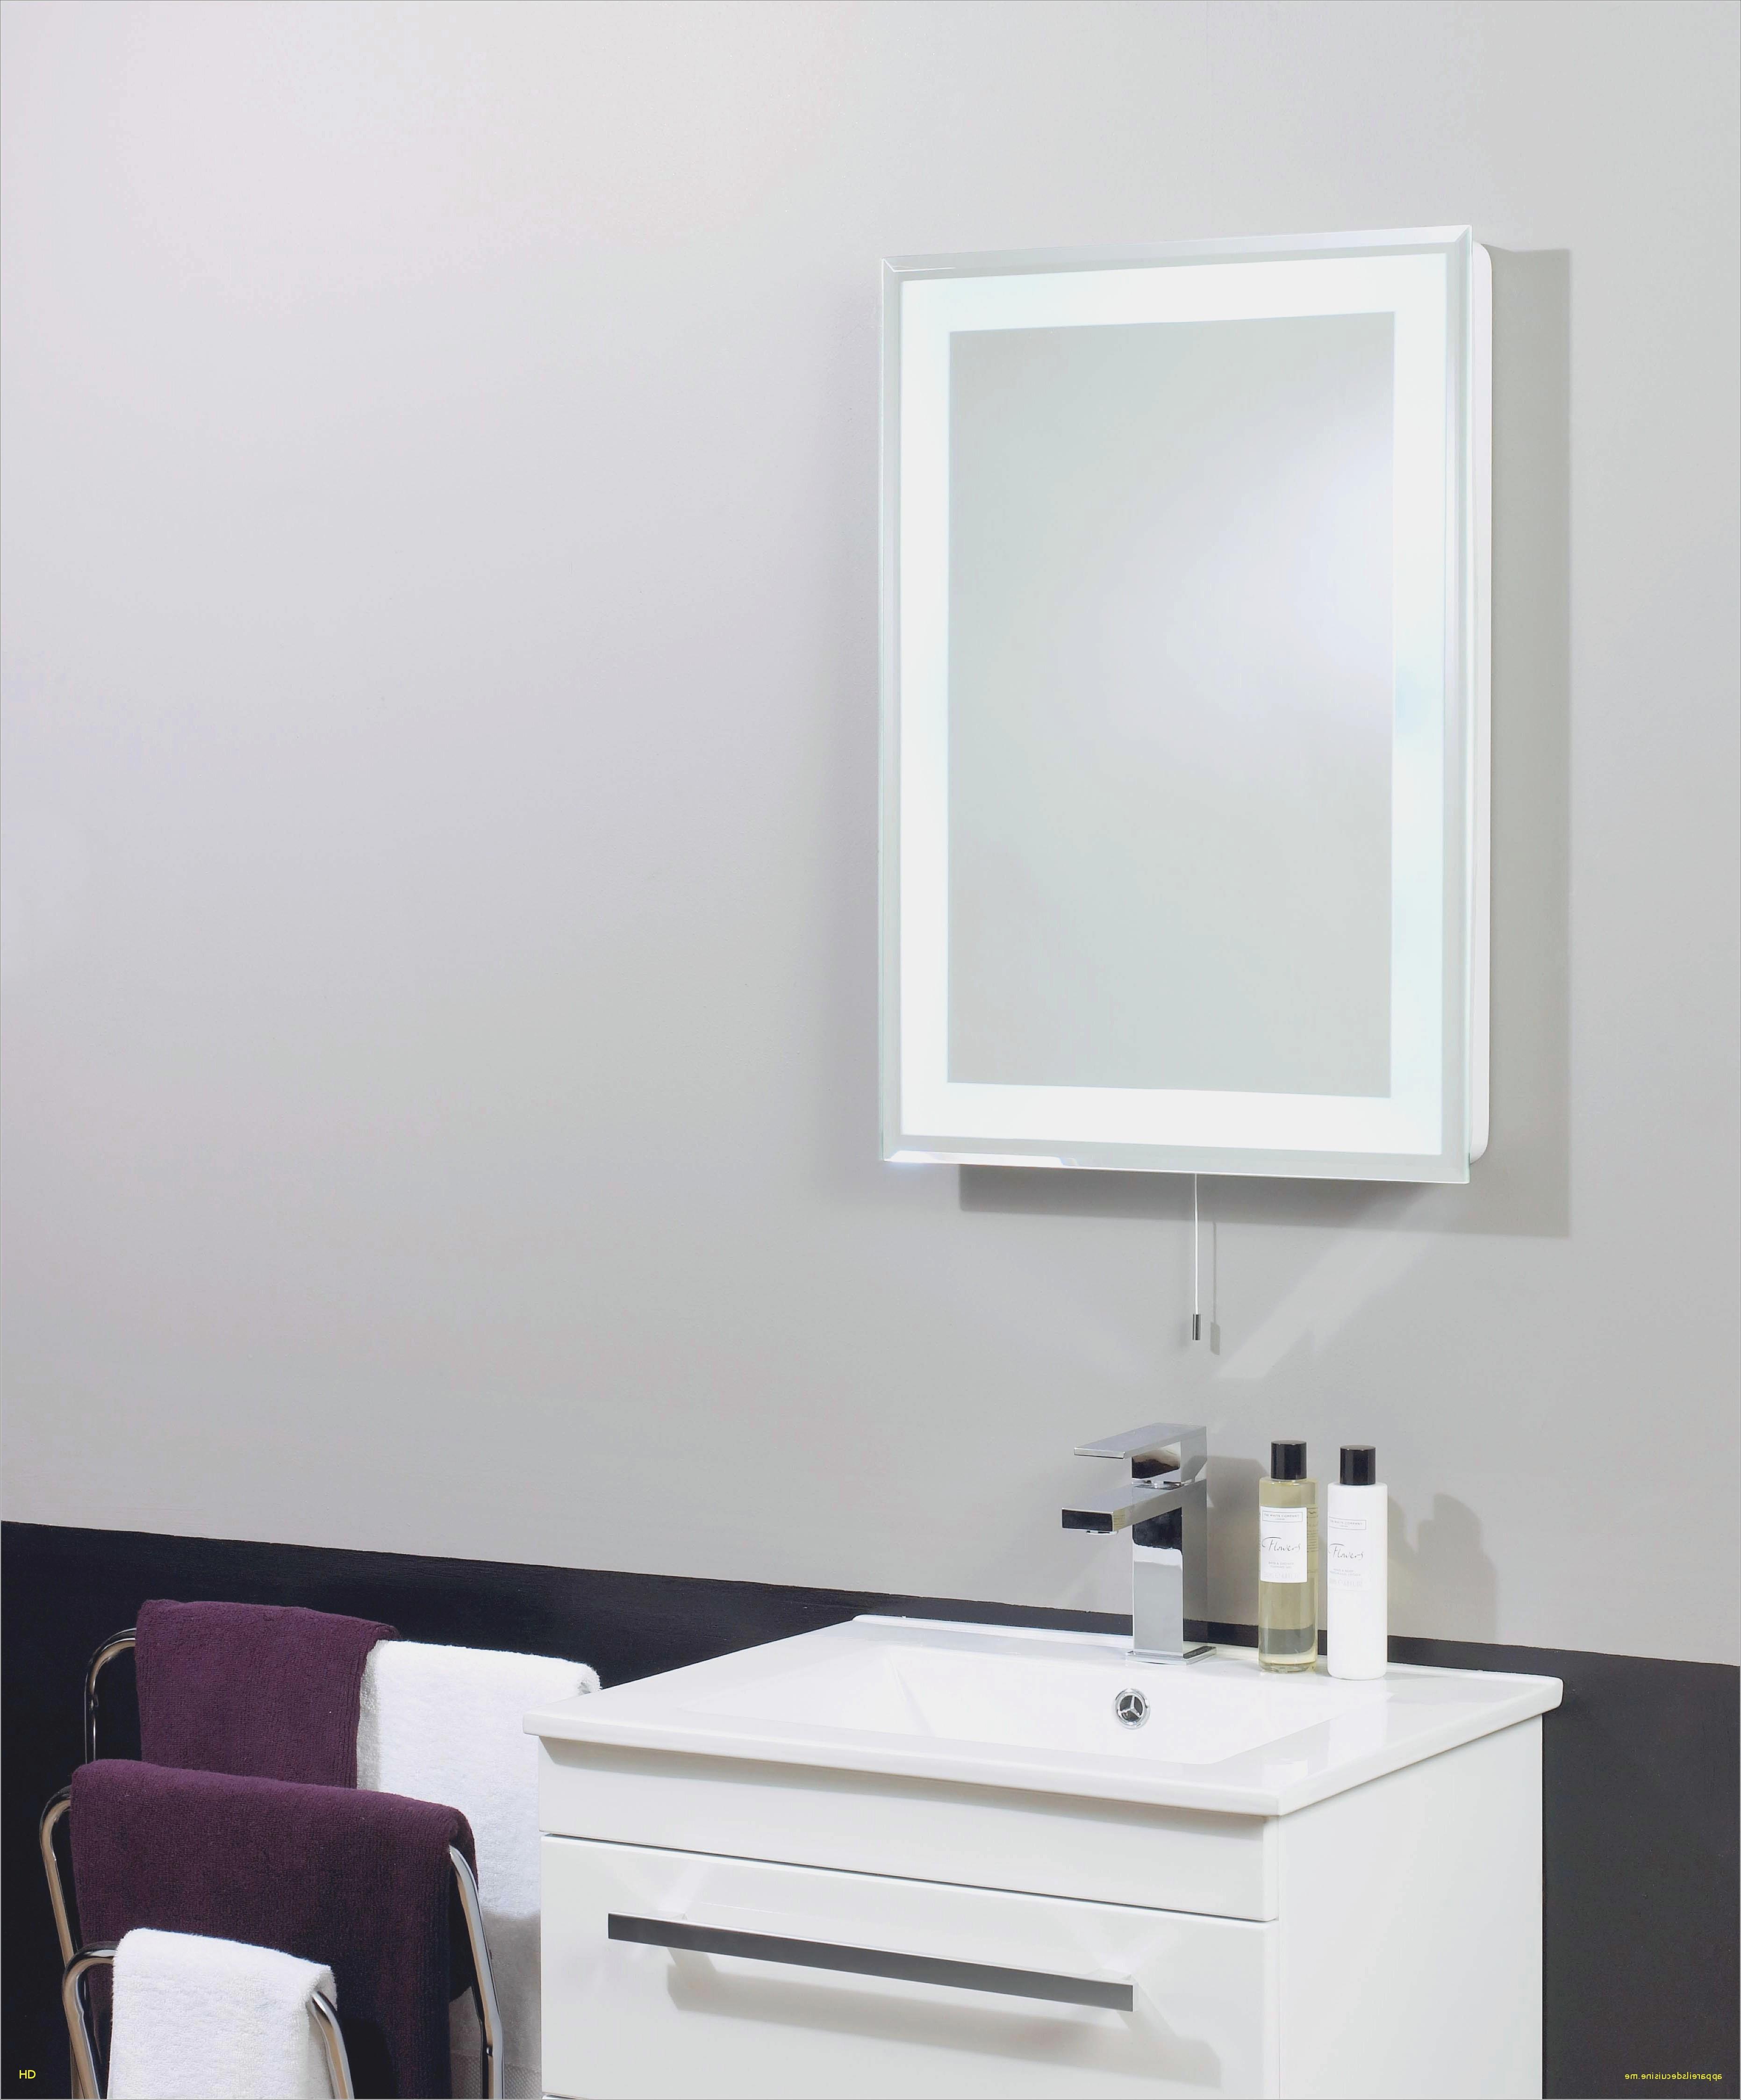 67 Nouveau Photos De Ikea Miroir Salle De Bain